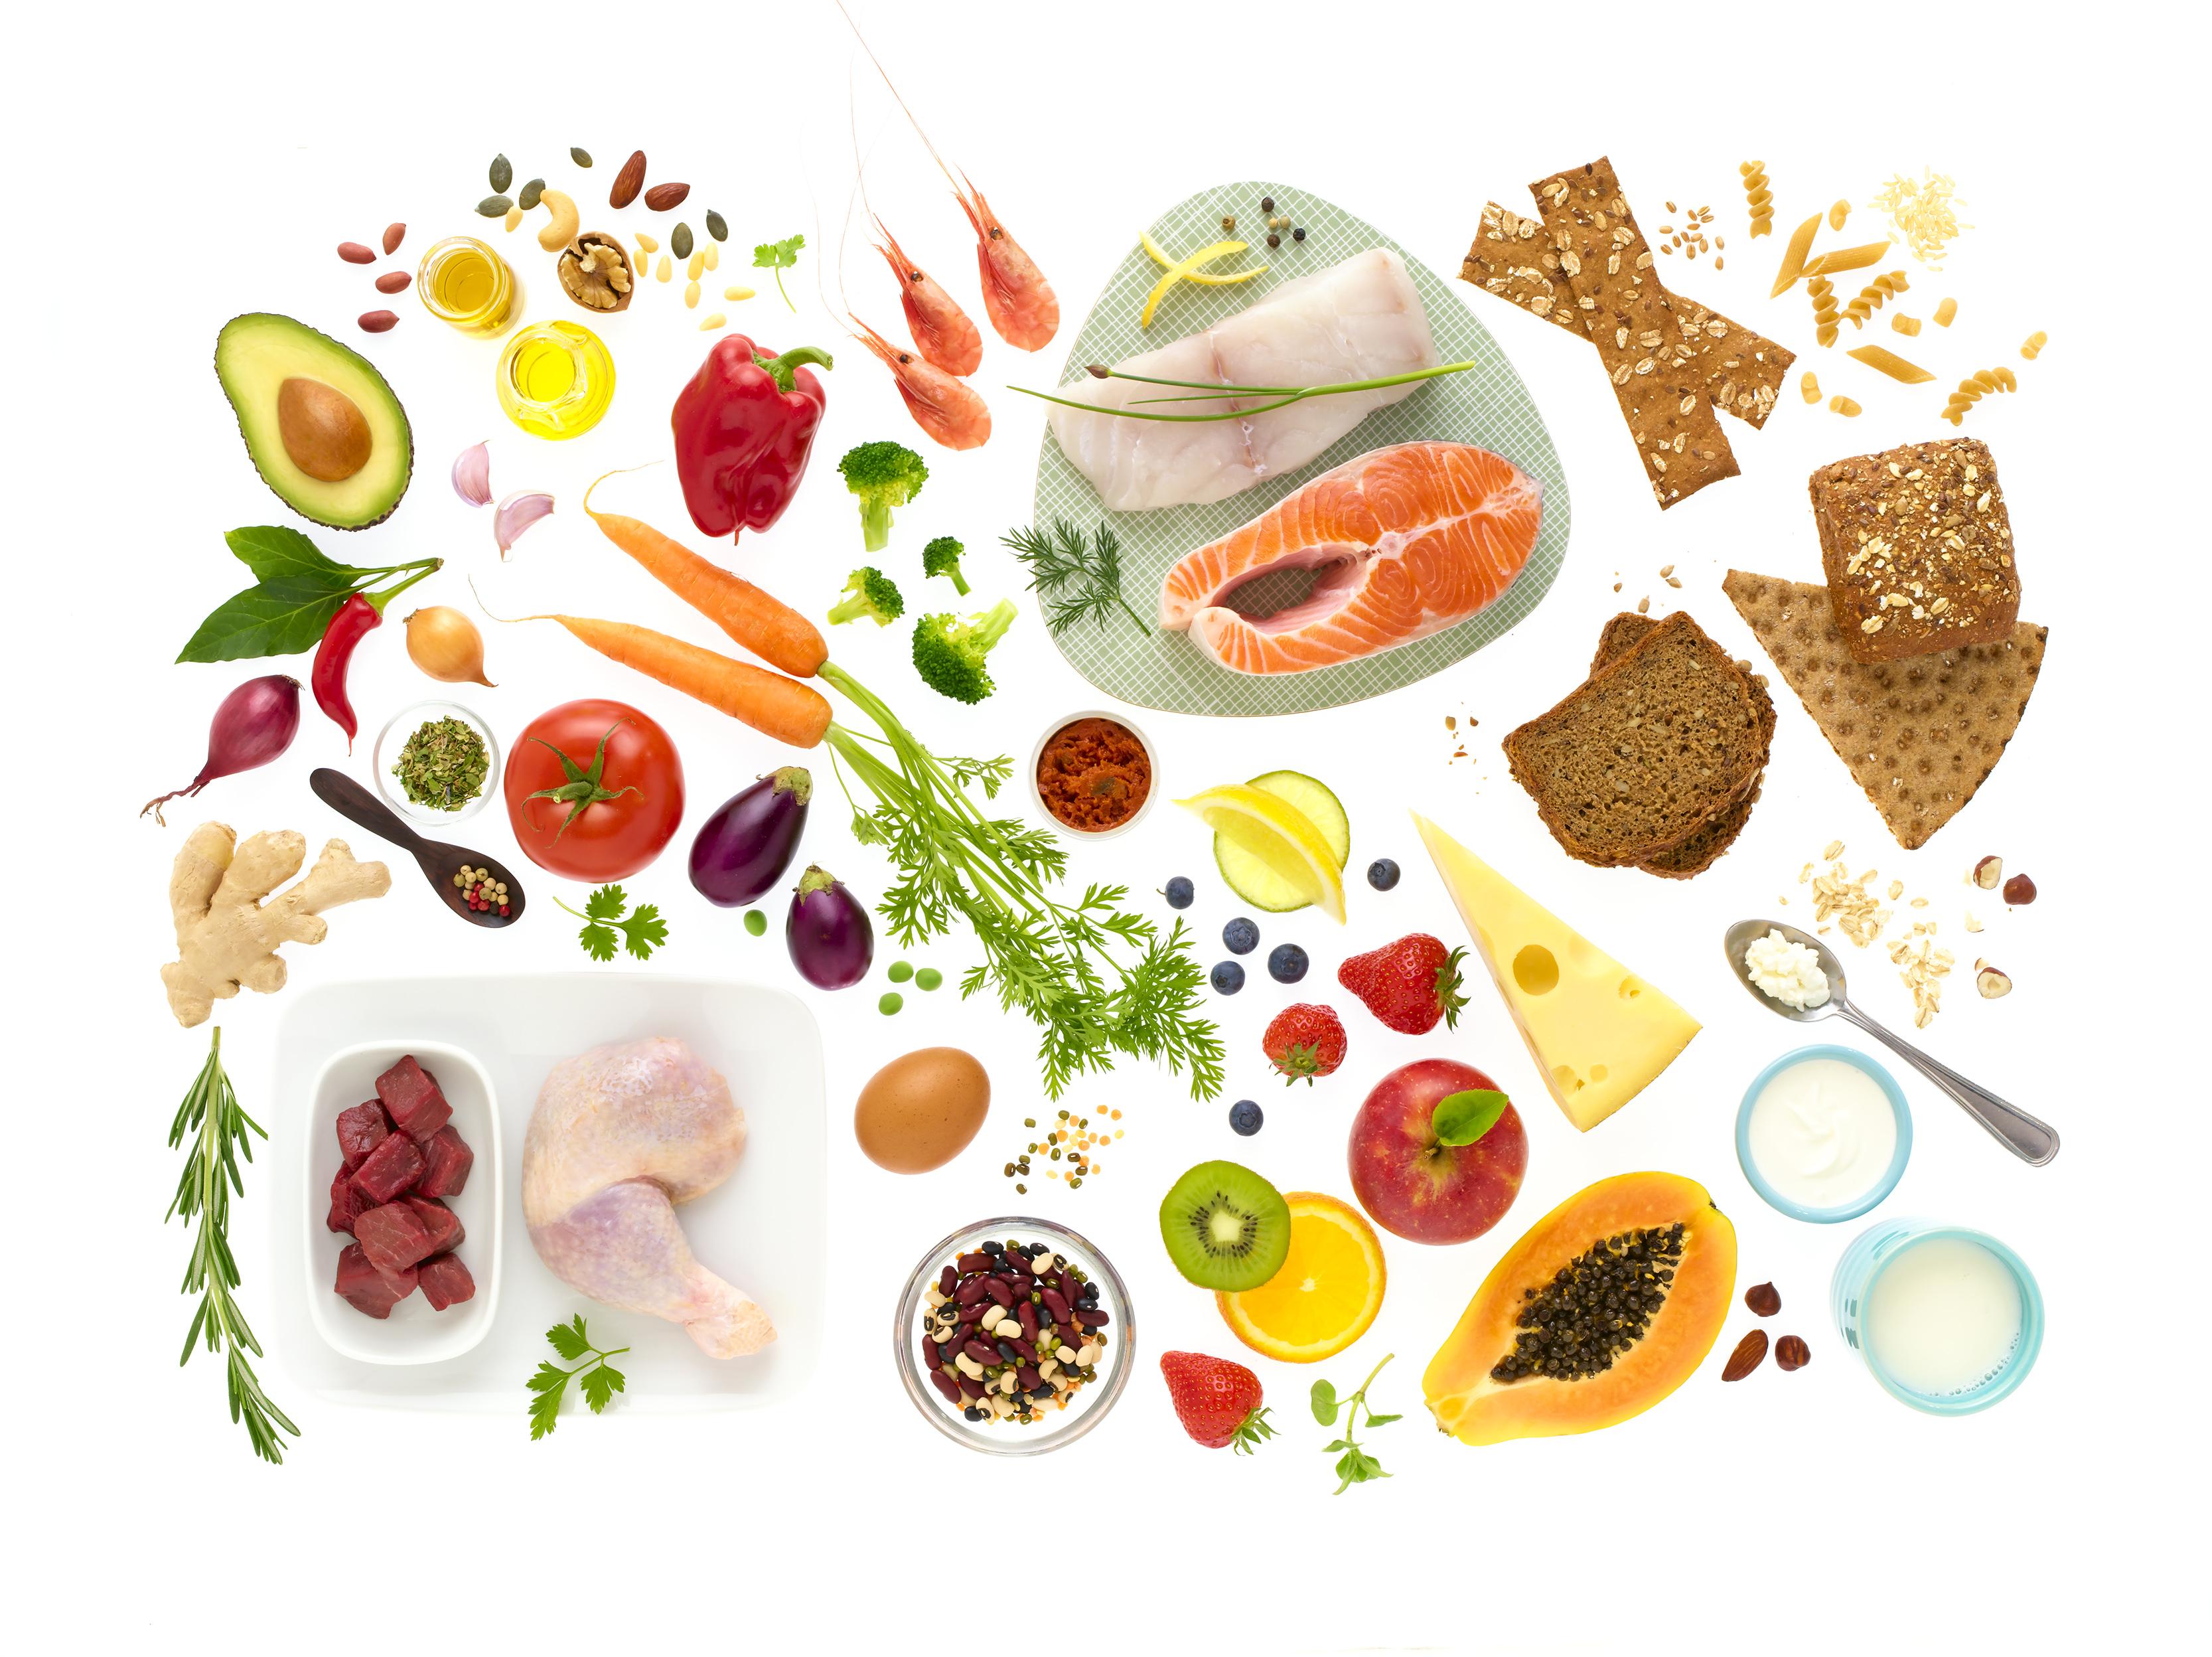 Masse sunn mat - slik følger du kostrådene fra Helsedirektoratet